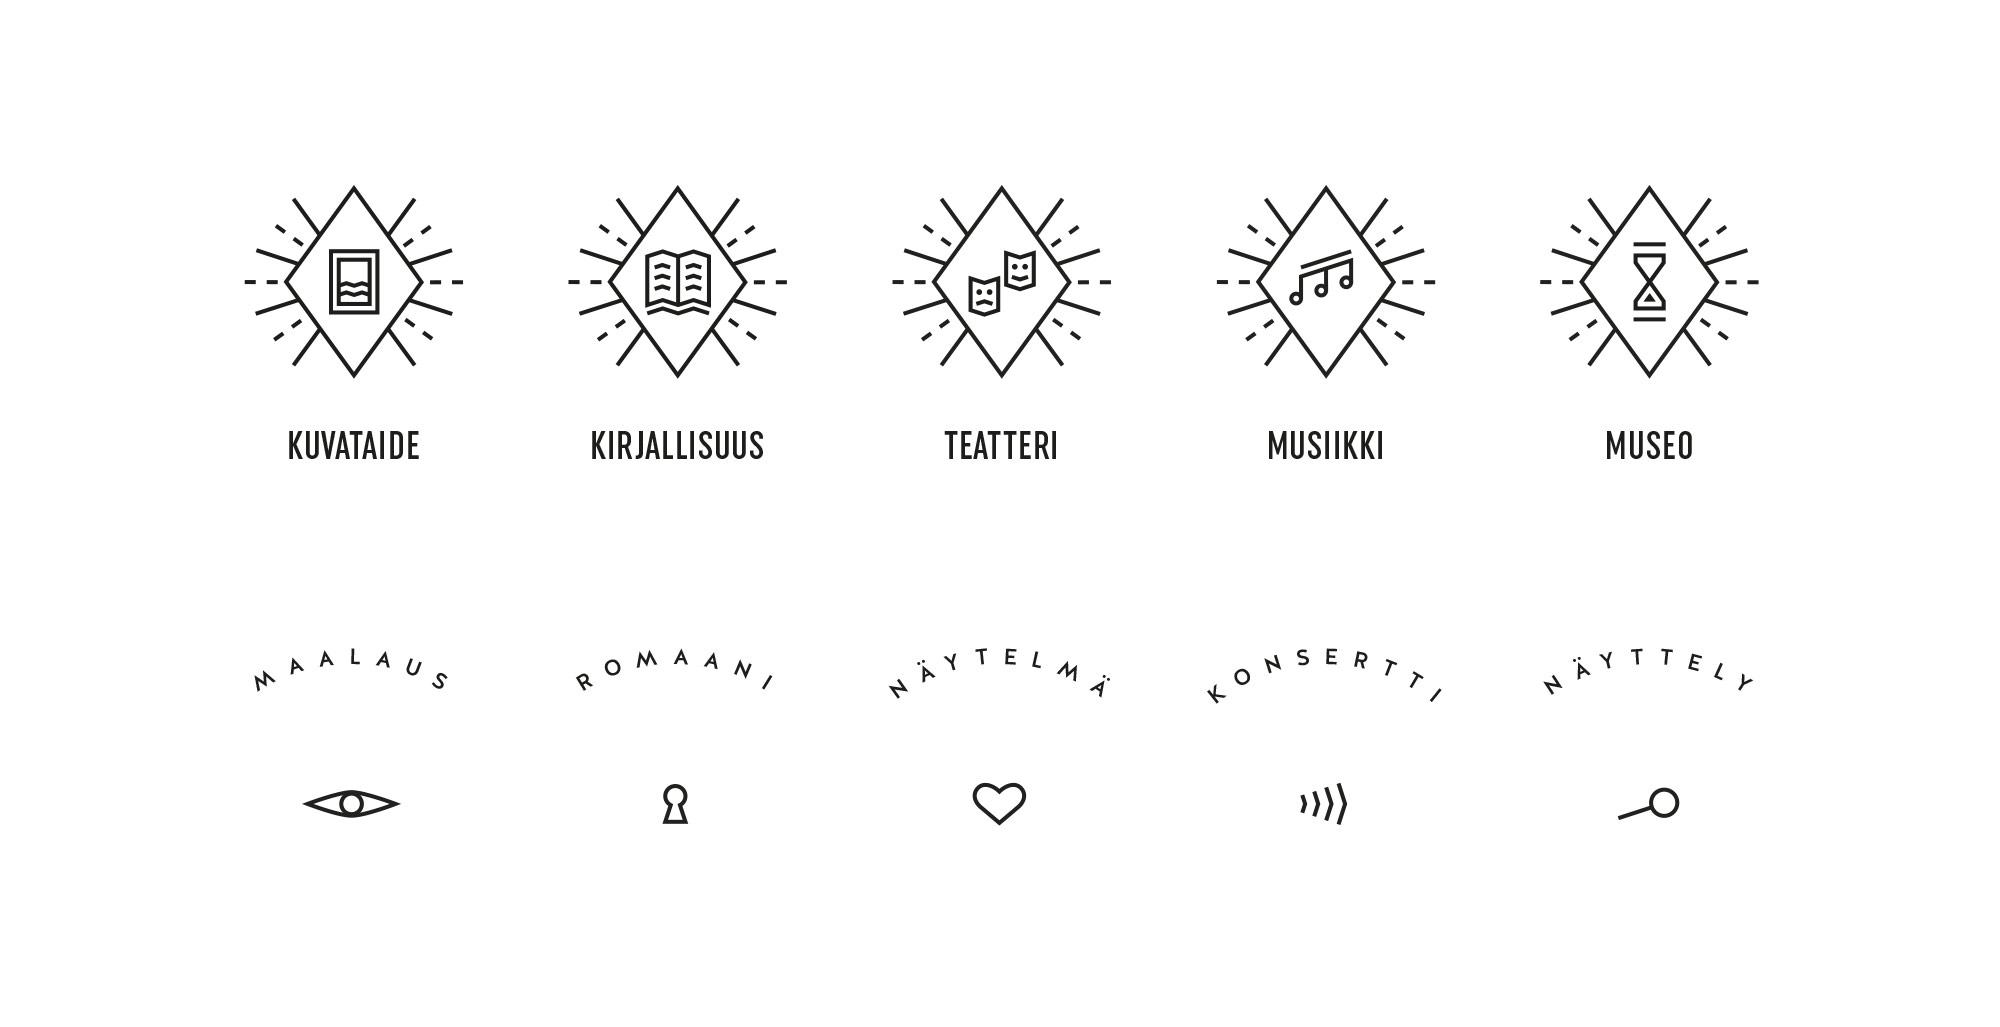 Kulttuurilehti Ilmiö: Icons